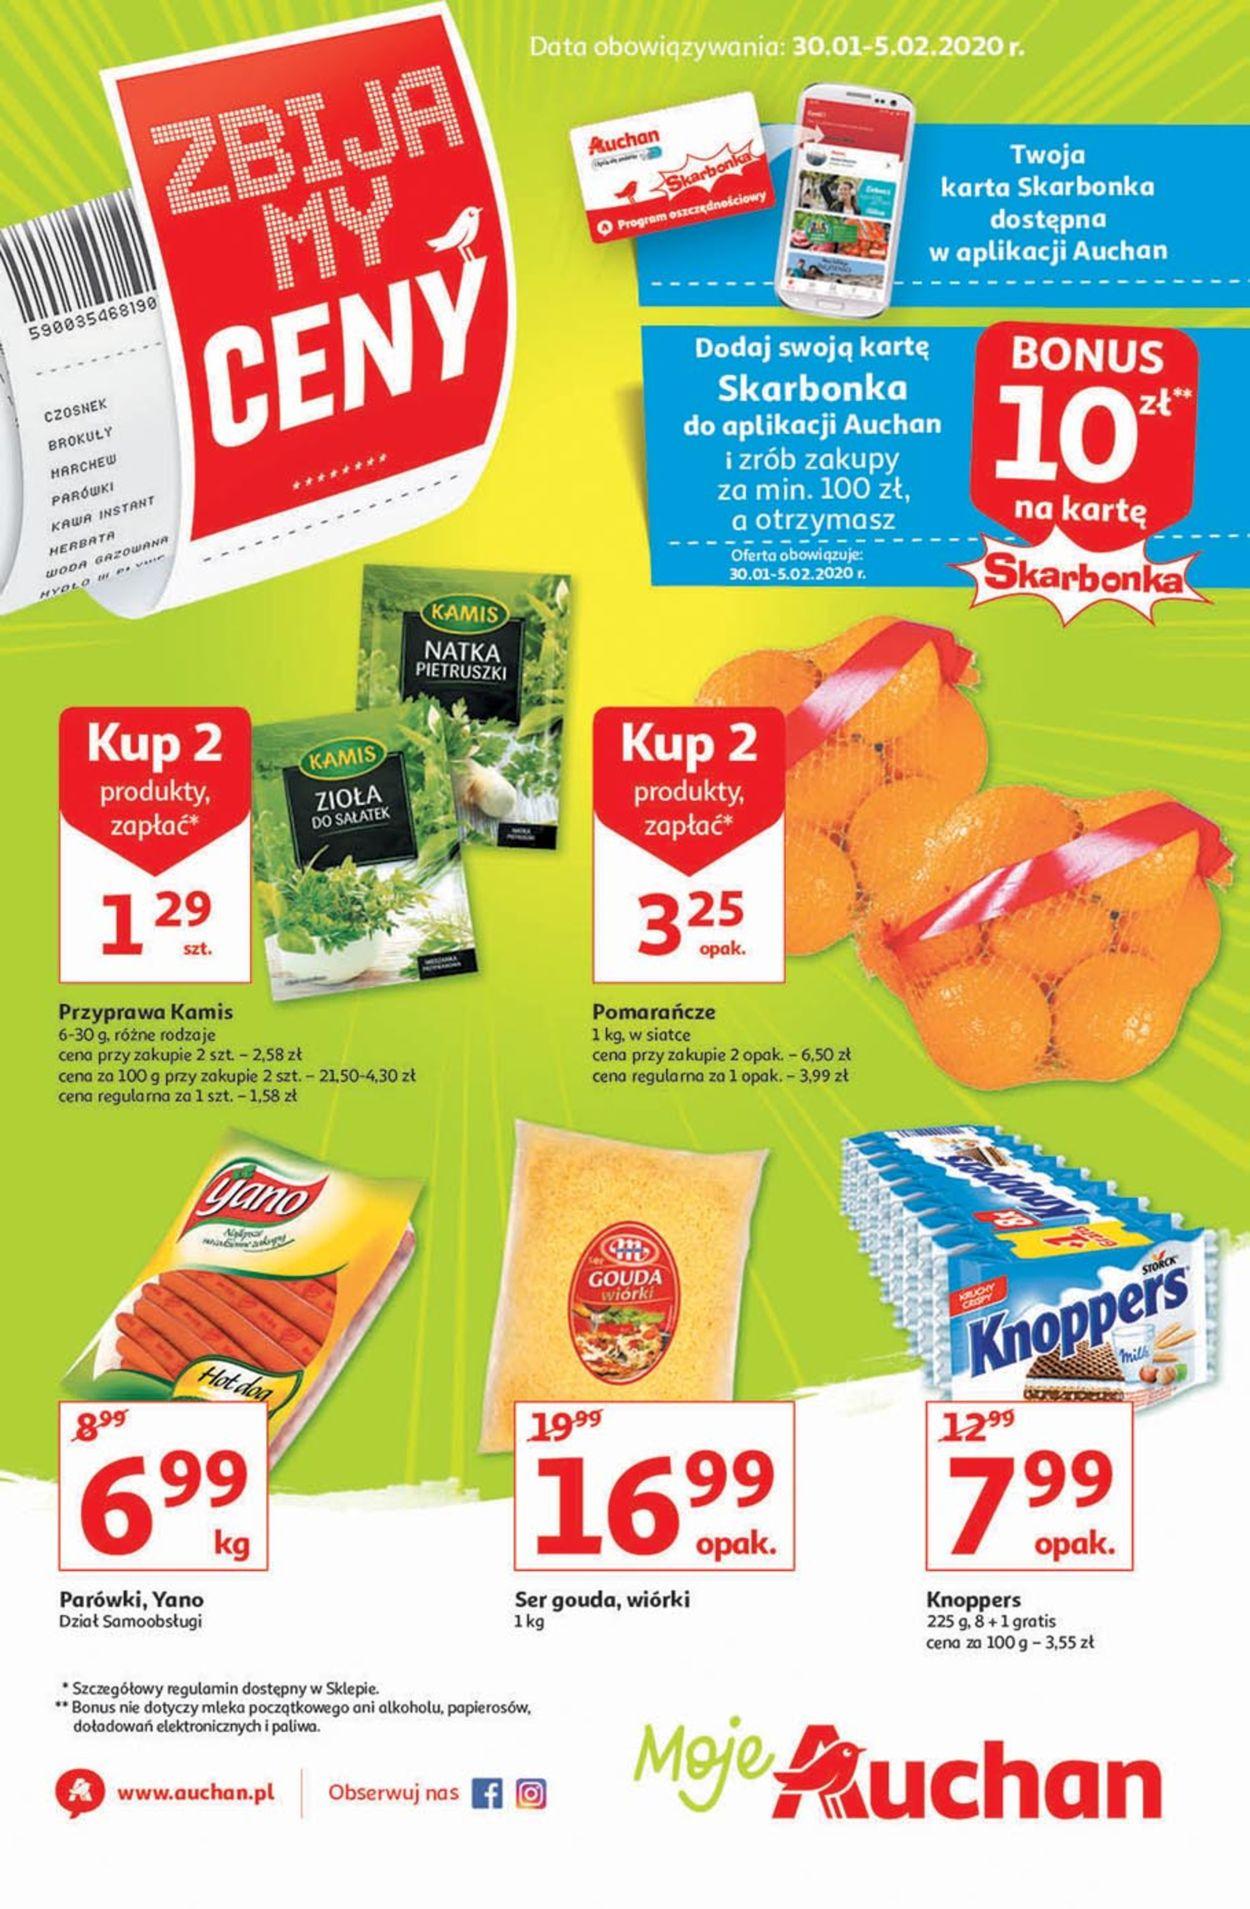 Gazetka promocyjna Auchan - 30.01-05.02.2020